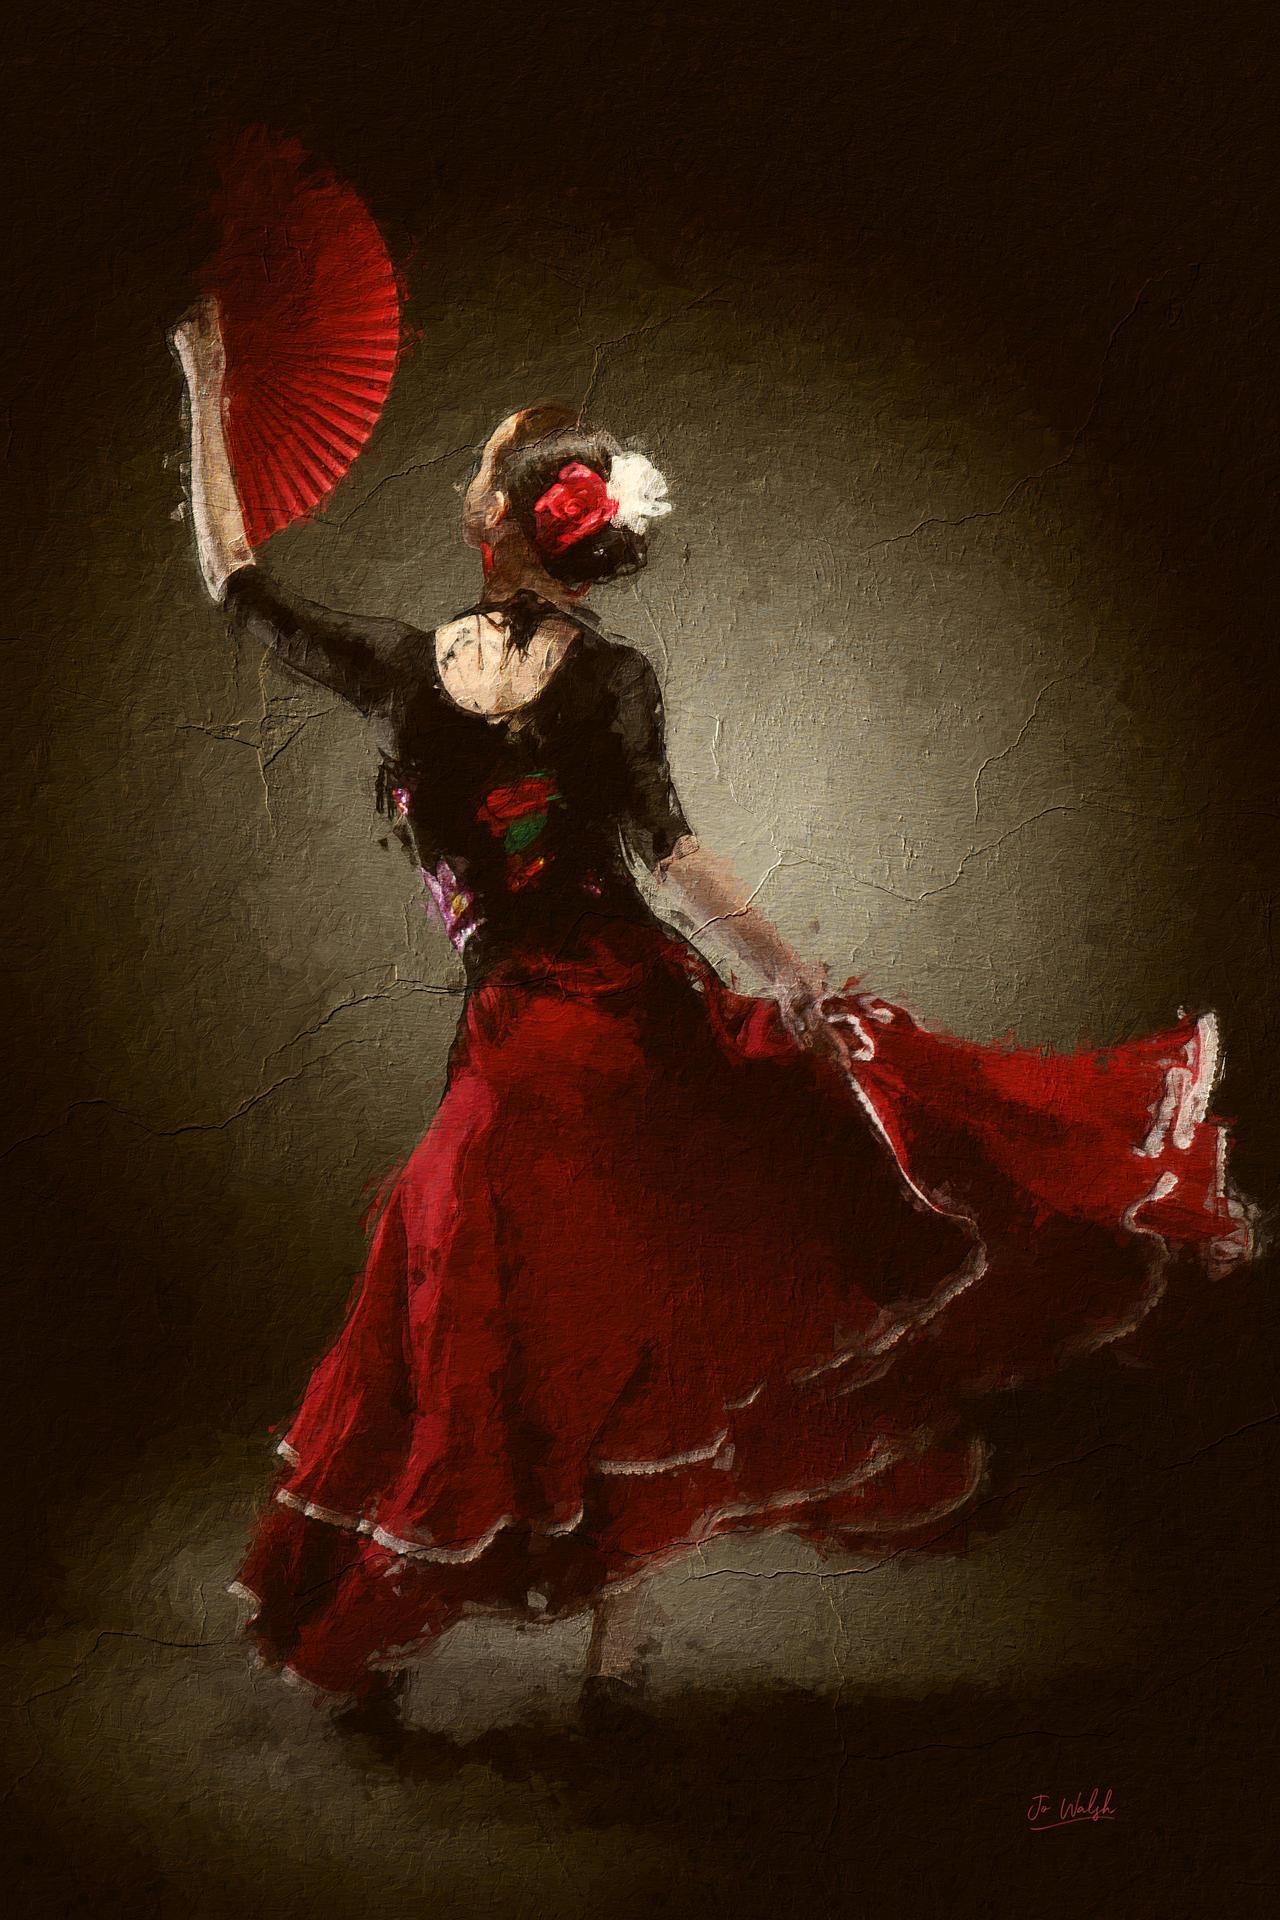 The red fan